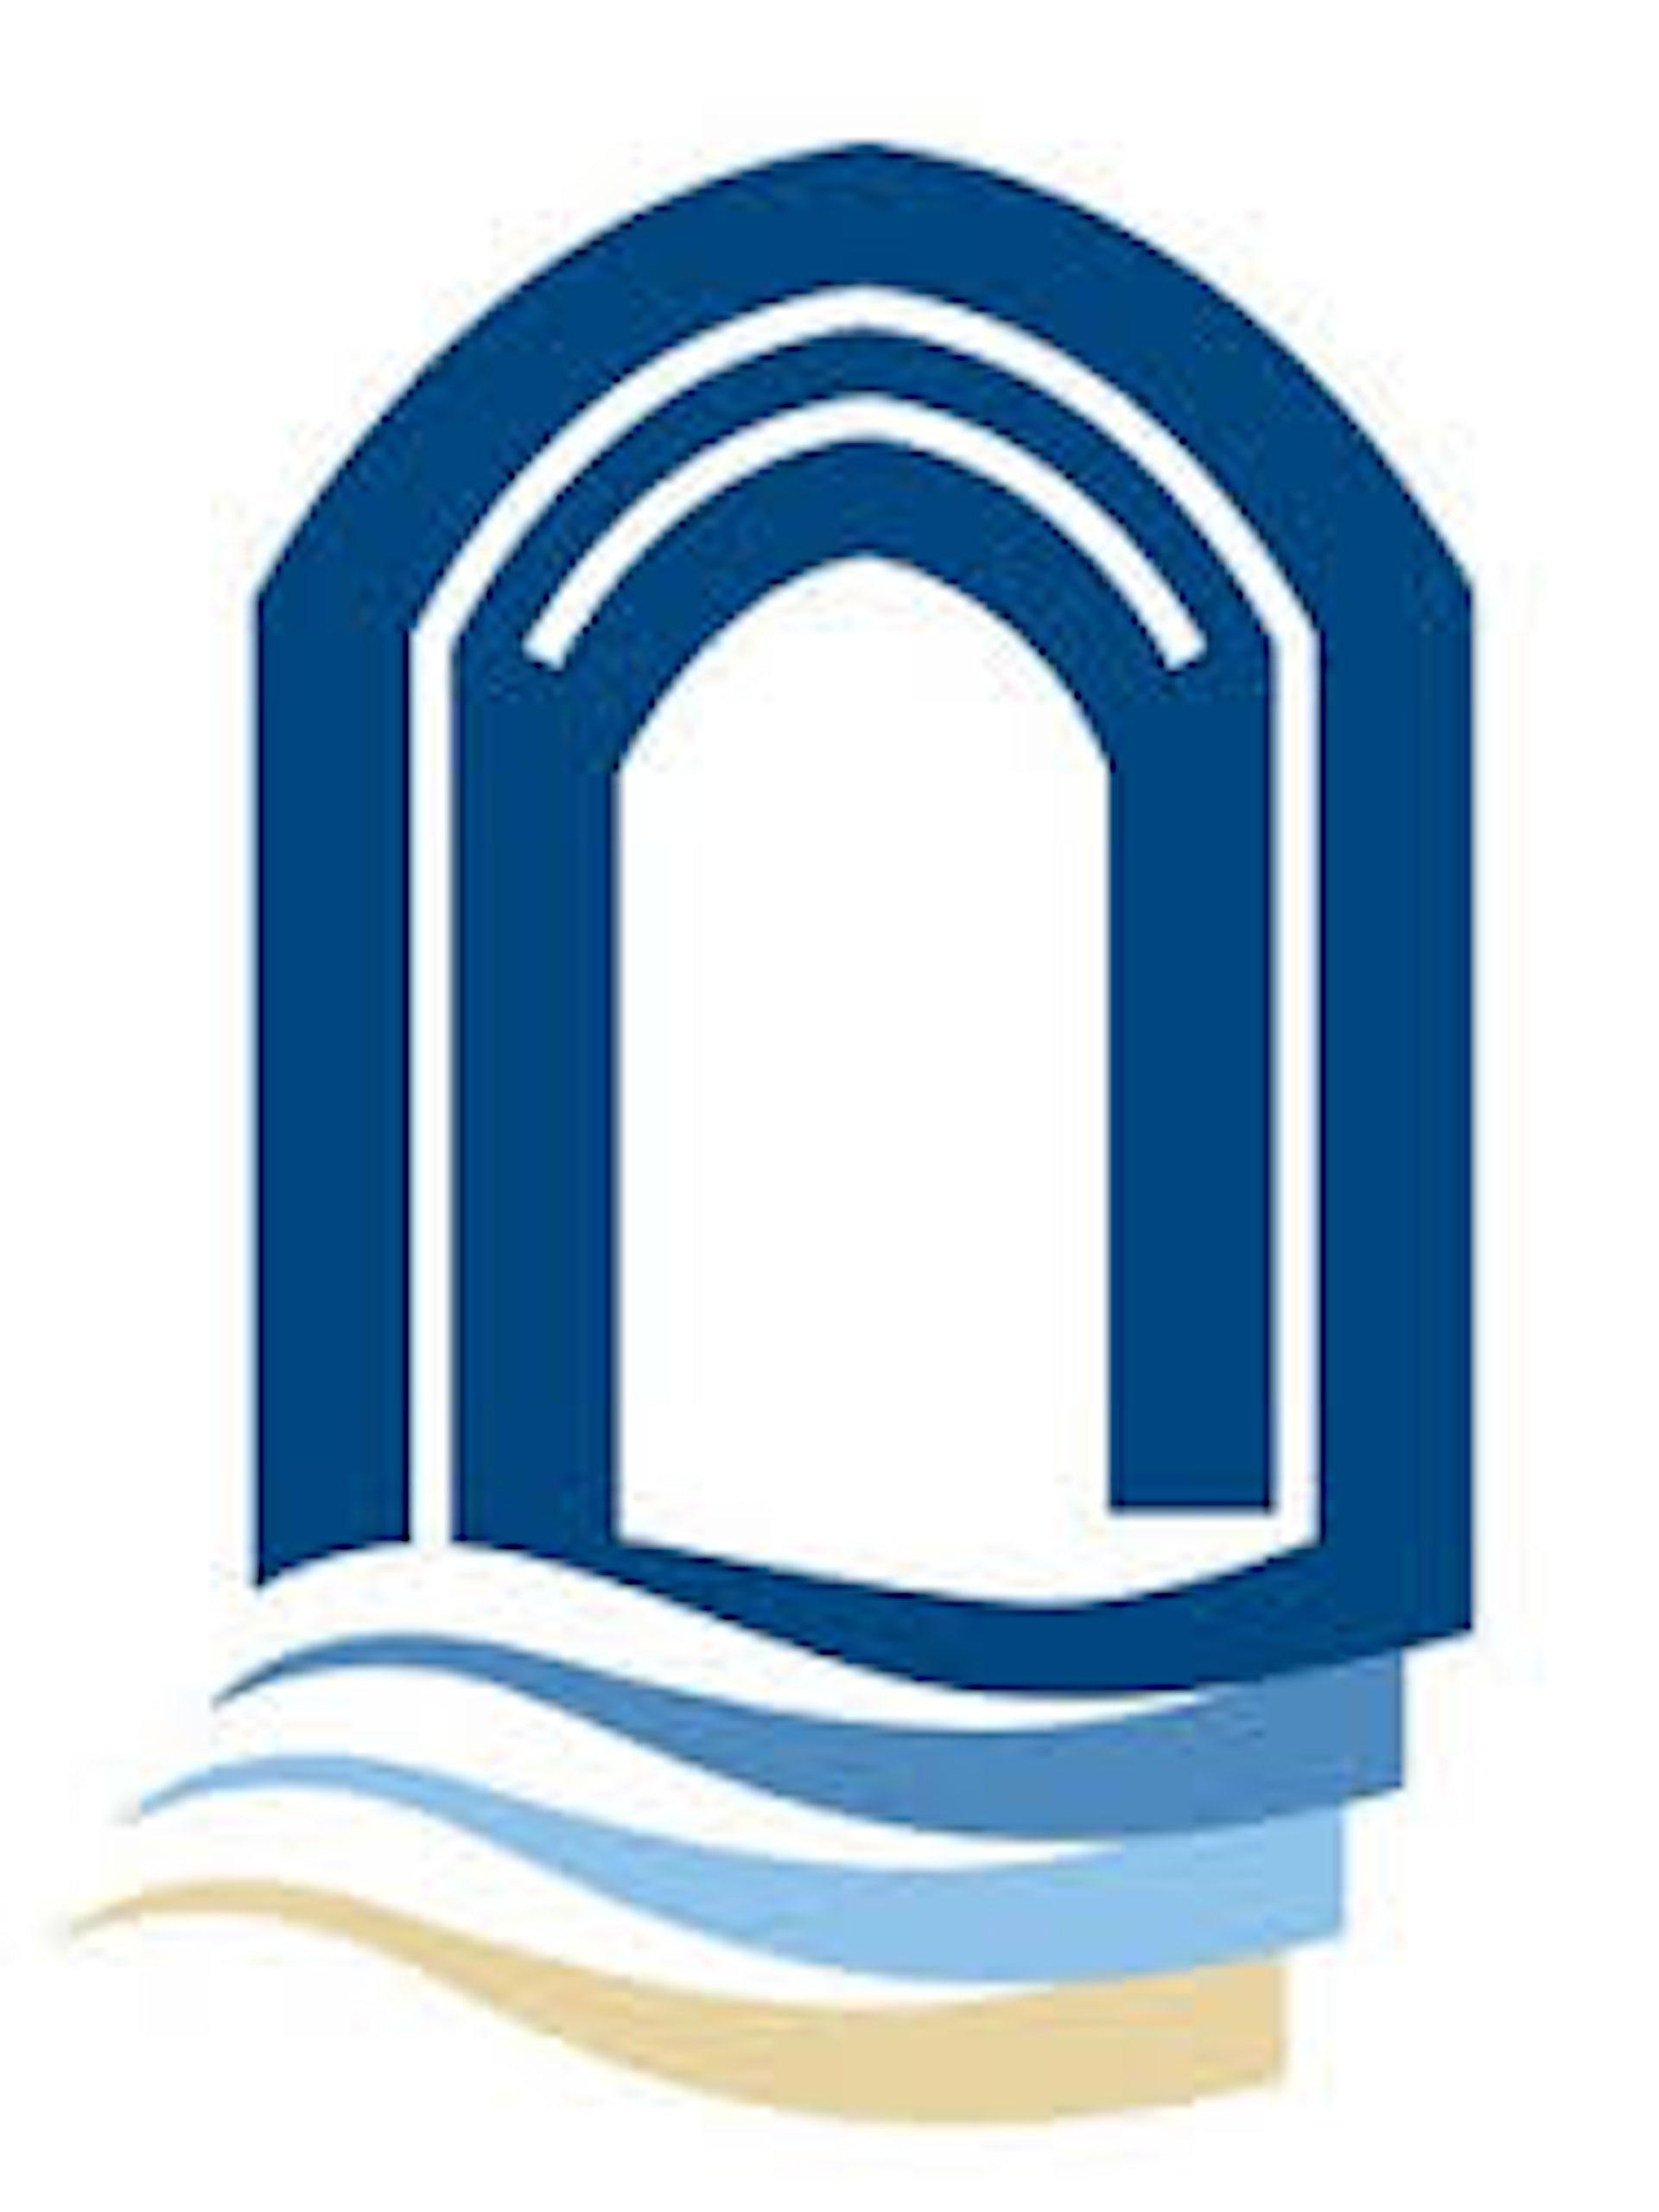 Logo 1472479439.jpg?ixlib=rb 1.1